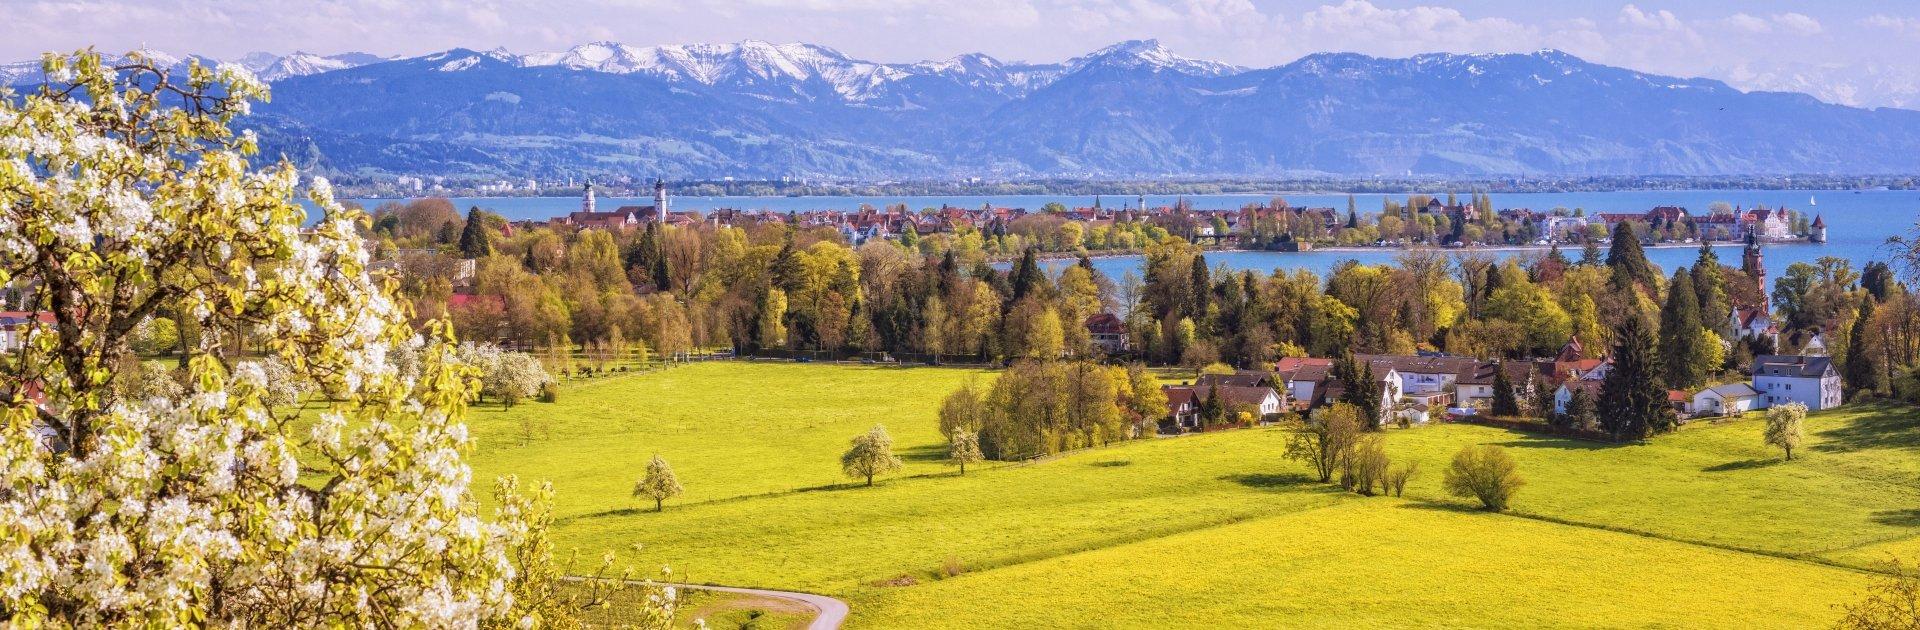 Familienhotels im Allgäu